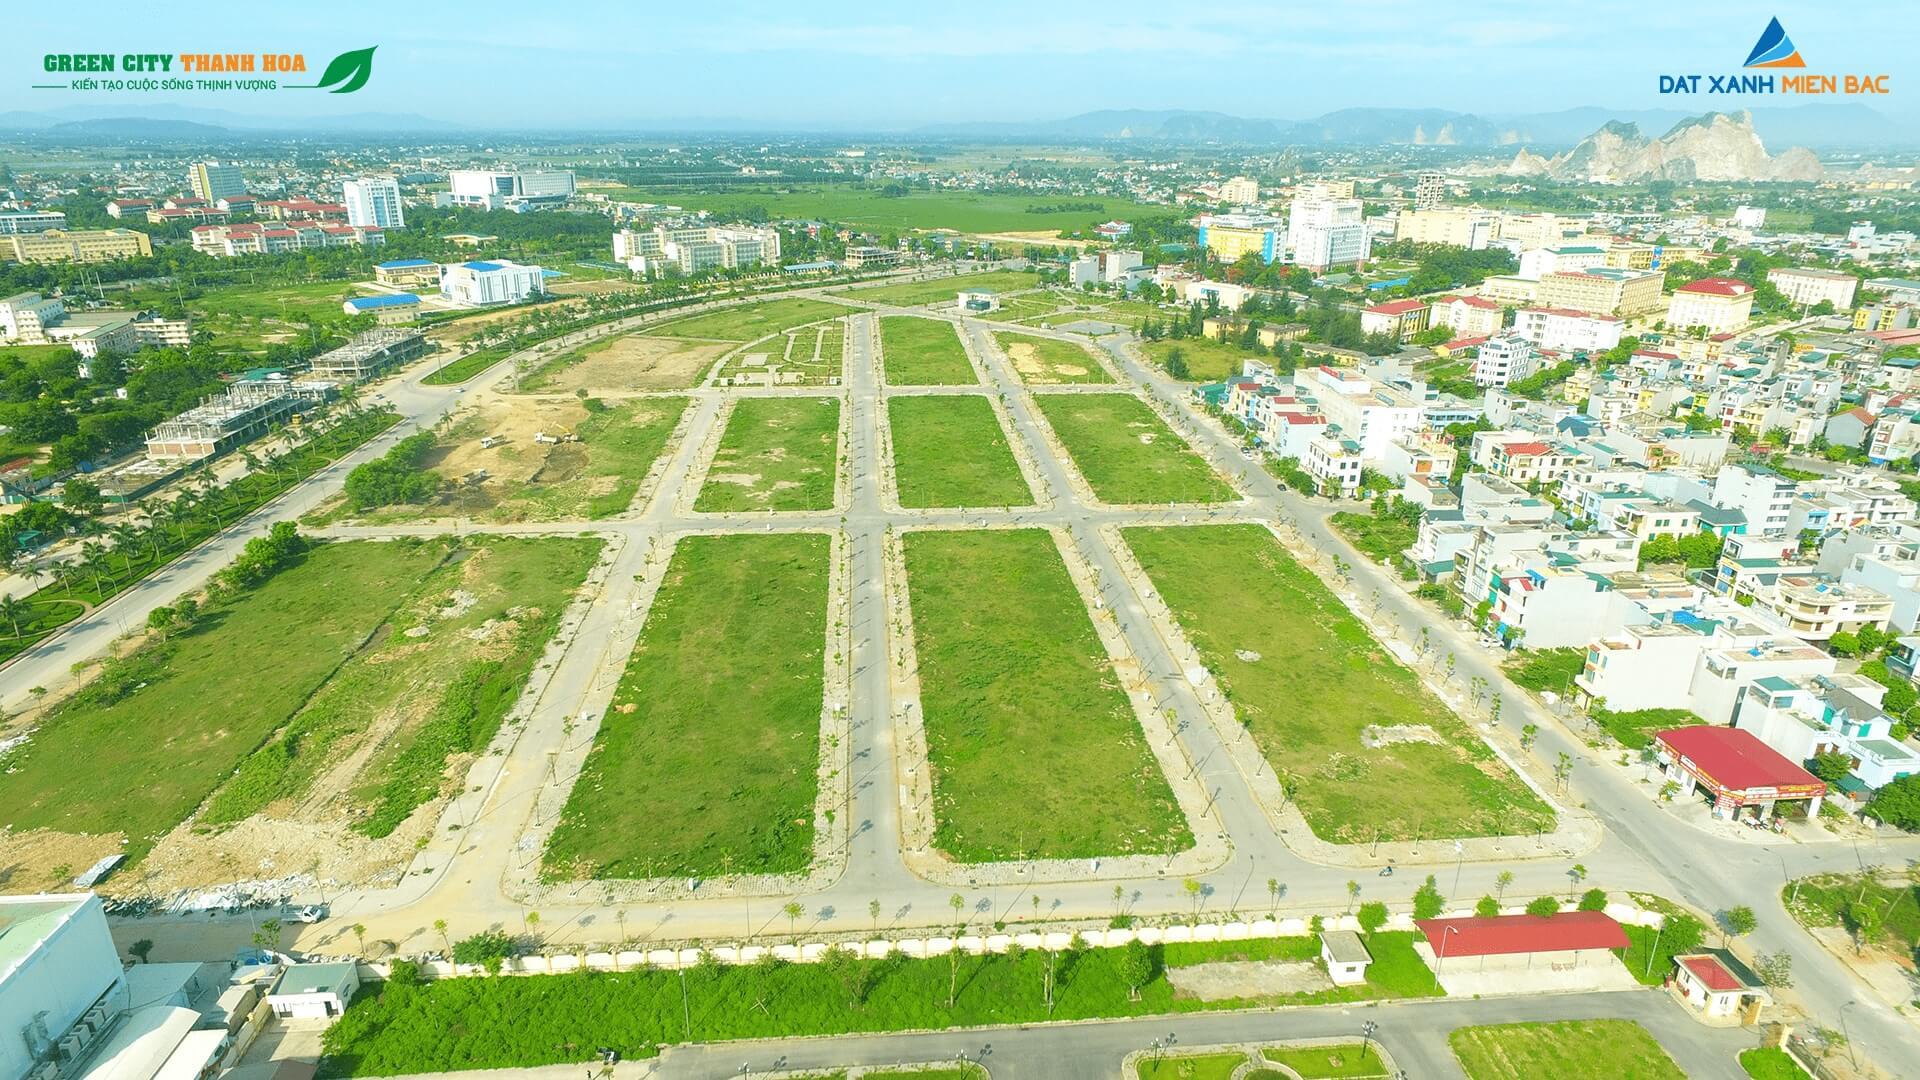 dự án green city thanh hóa